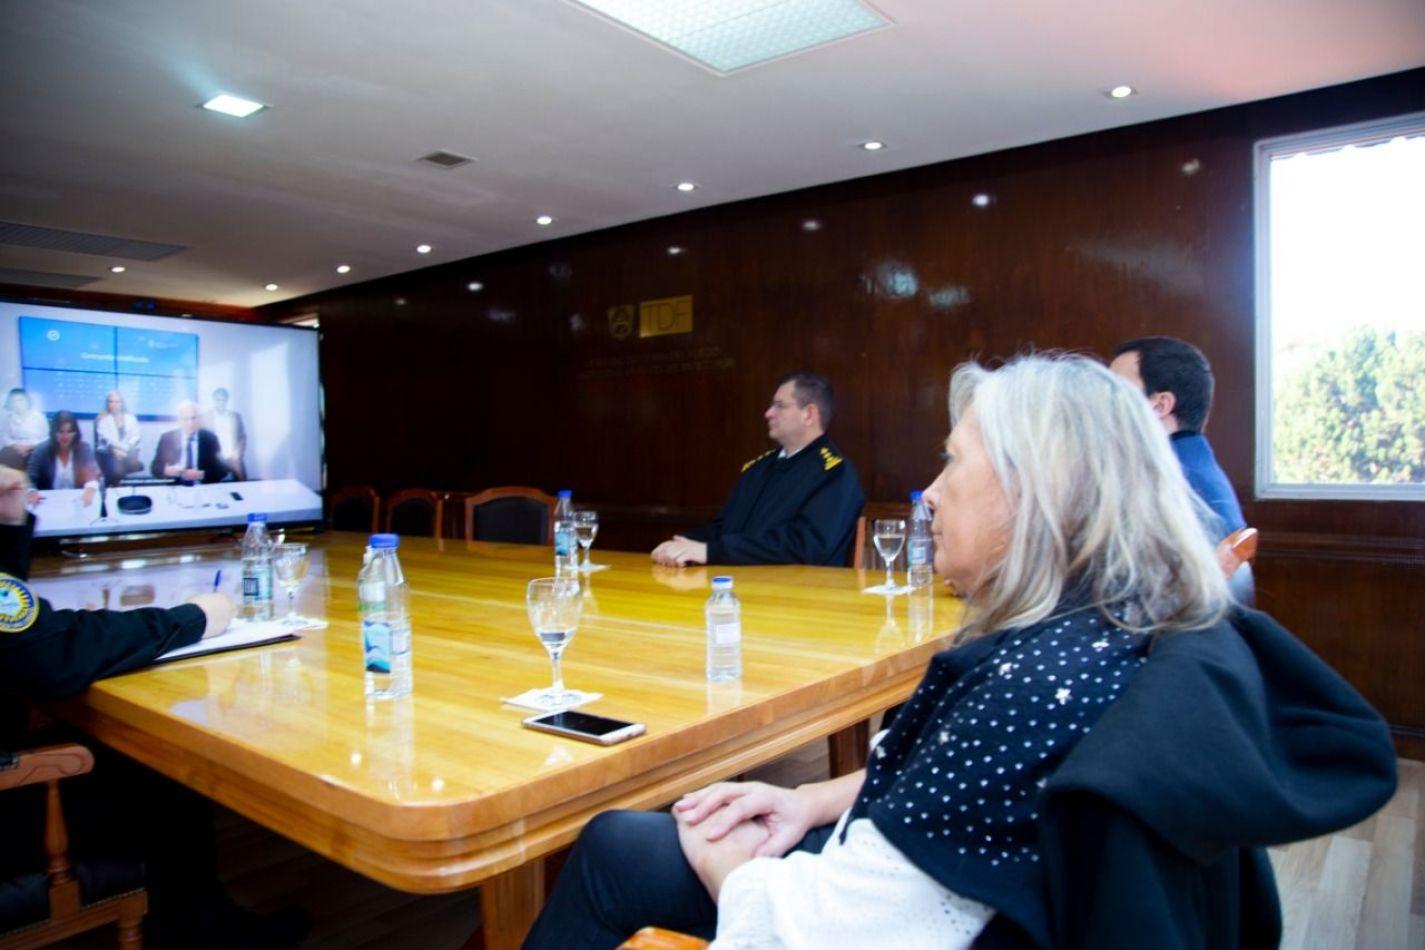 Gobierno refuerza controles en sanidad en San Sebastián